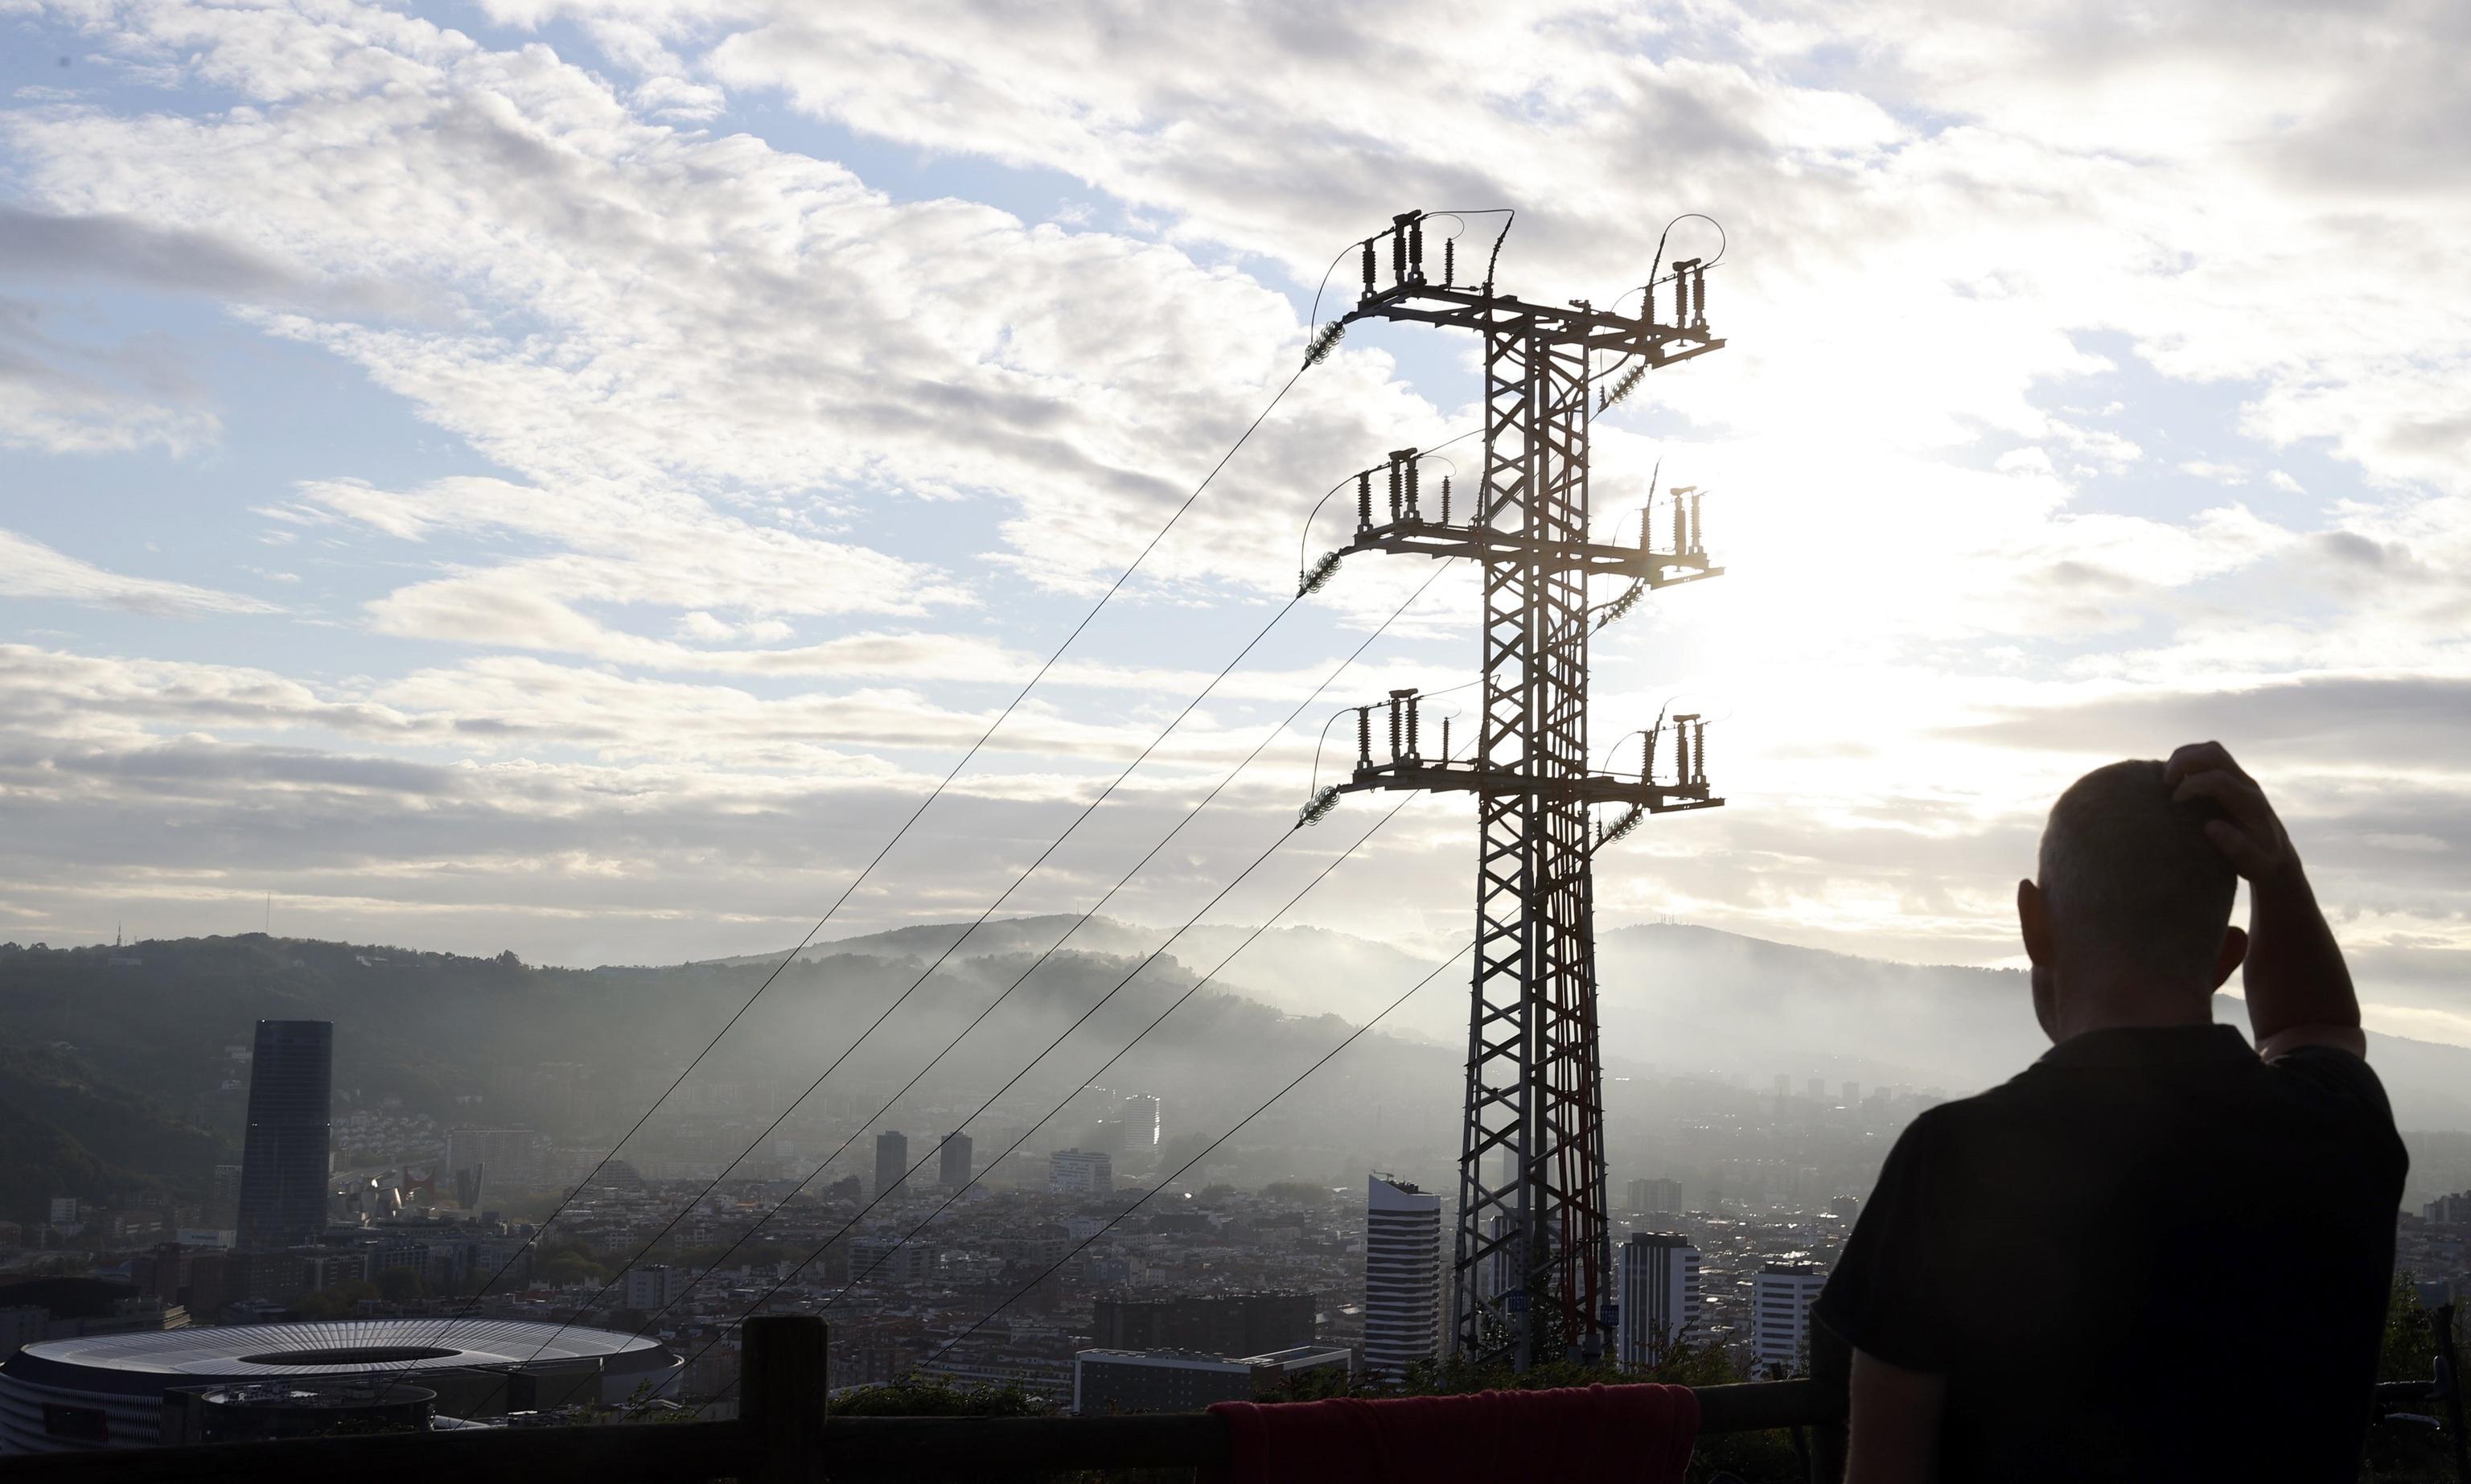 Una persona observa el cableado con el que red eléctrica transporta la energía sobre la ciudad de Bilbao. El precio medio de la electricidad en el mercado mayorista (pool) se ha situado para hoy viernes, 10 de septiembre, en 152,32 euros por megavatio hora (MWh), lo que supone un encarecimiento del 7,5 % respecto al máximo de 141,71 euros que marcó respecto al día anterior.